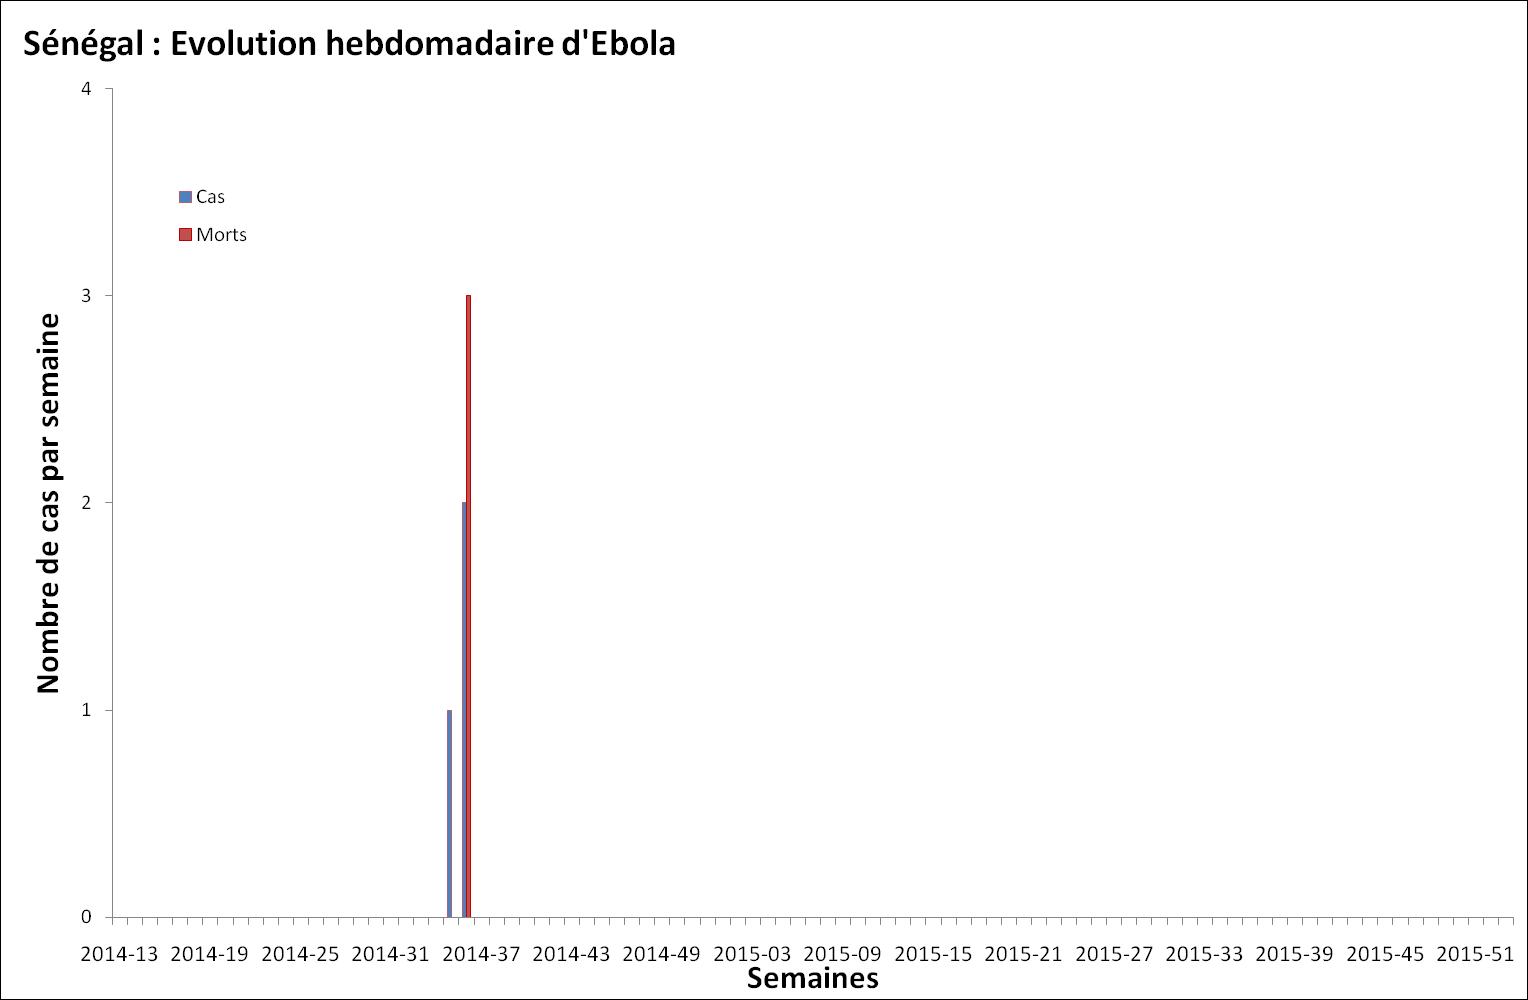 Evolution hebdomadaire des nouveaux malades et décès dus à Ebola au Sénégal